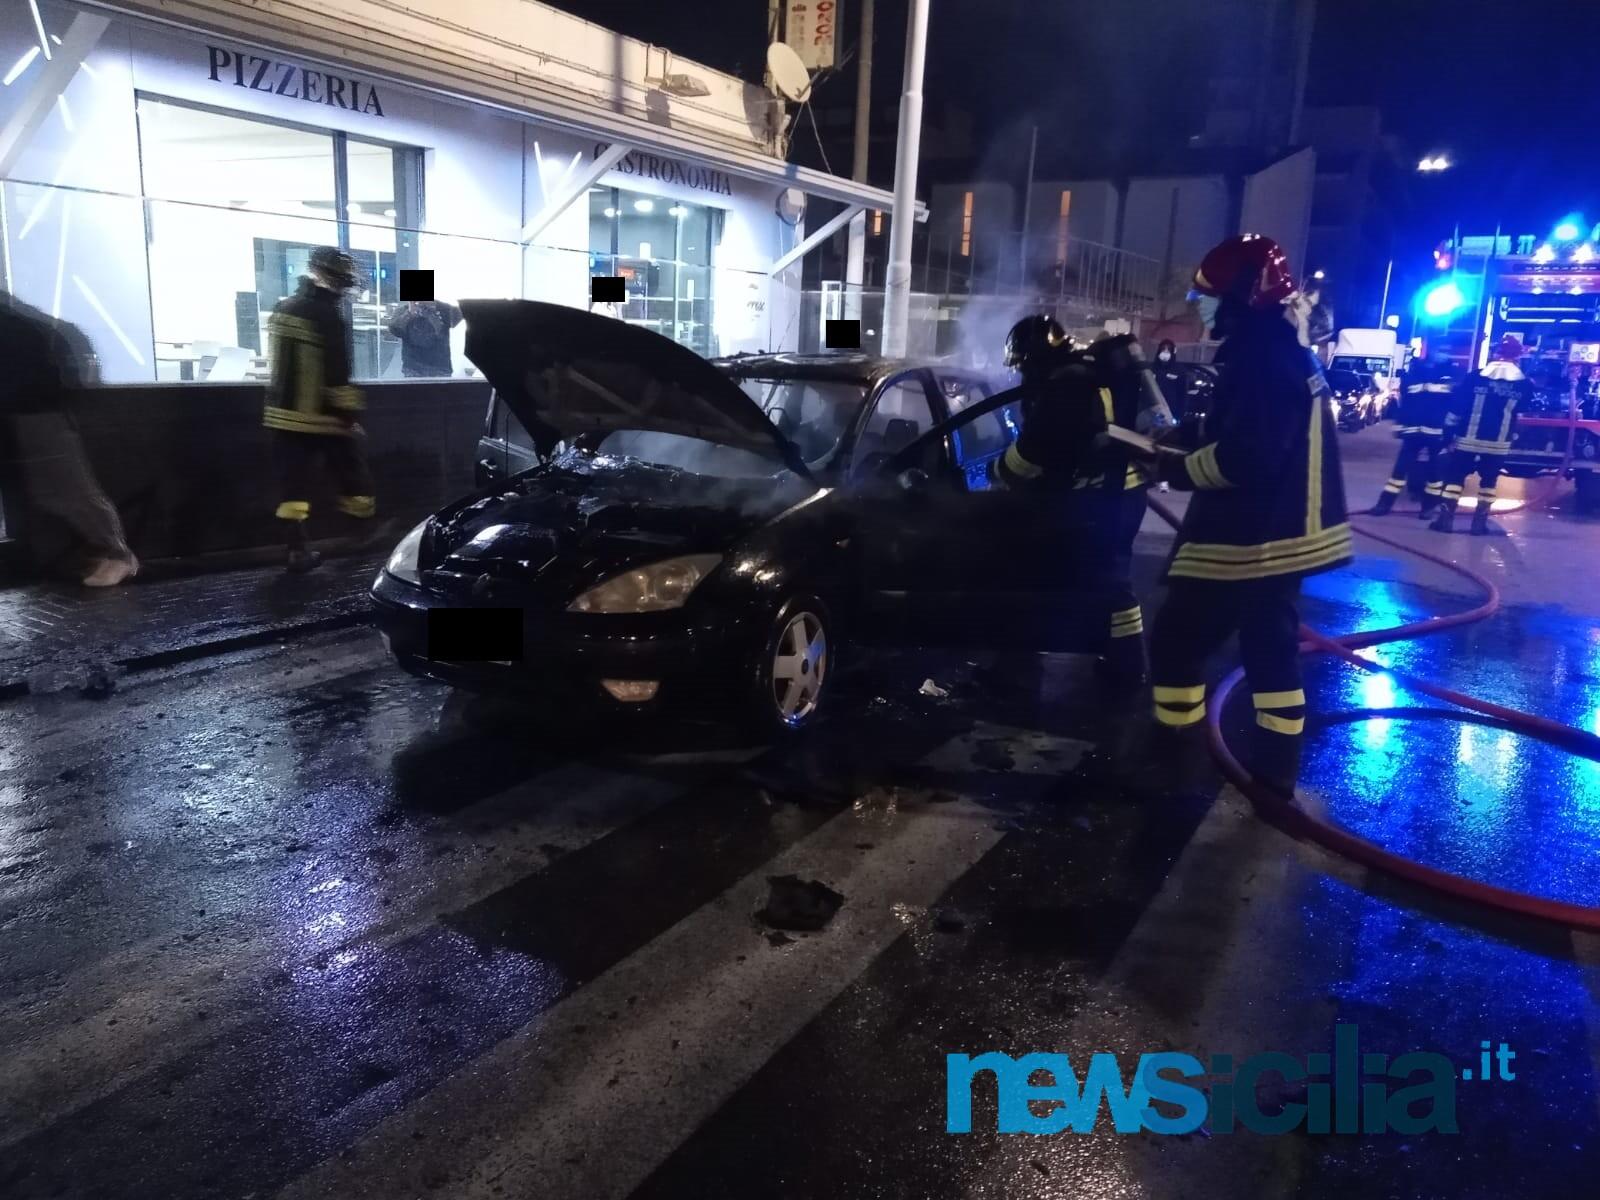 Paura a Catania, auto in fiamme al viale Mario Rapisardi: vigili del fuoco in azione – FOTO